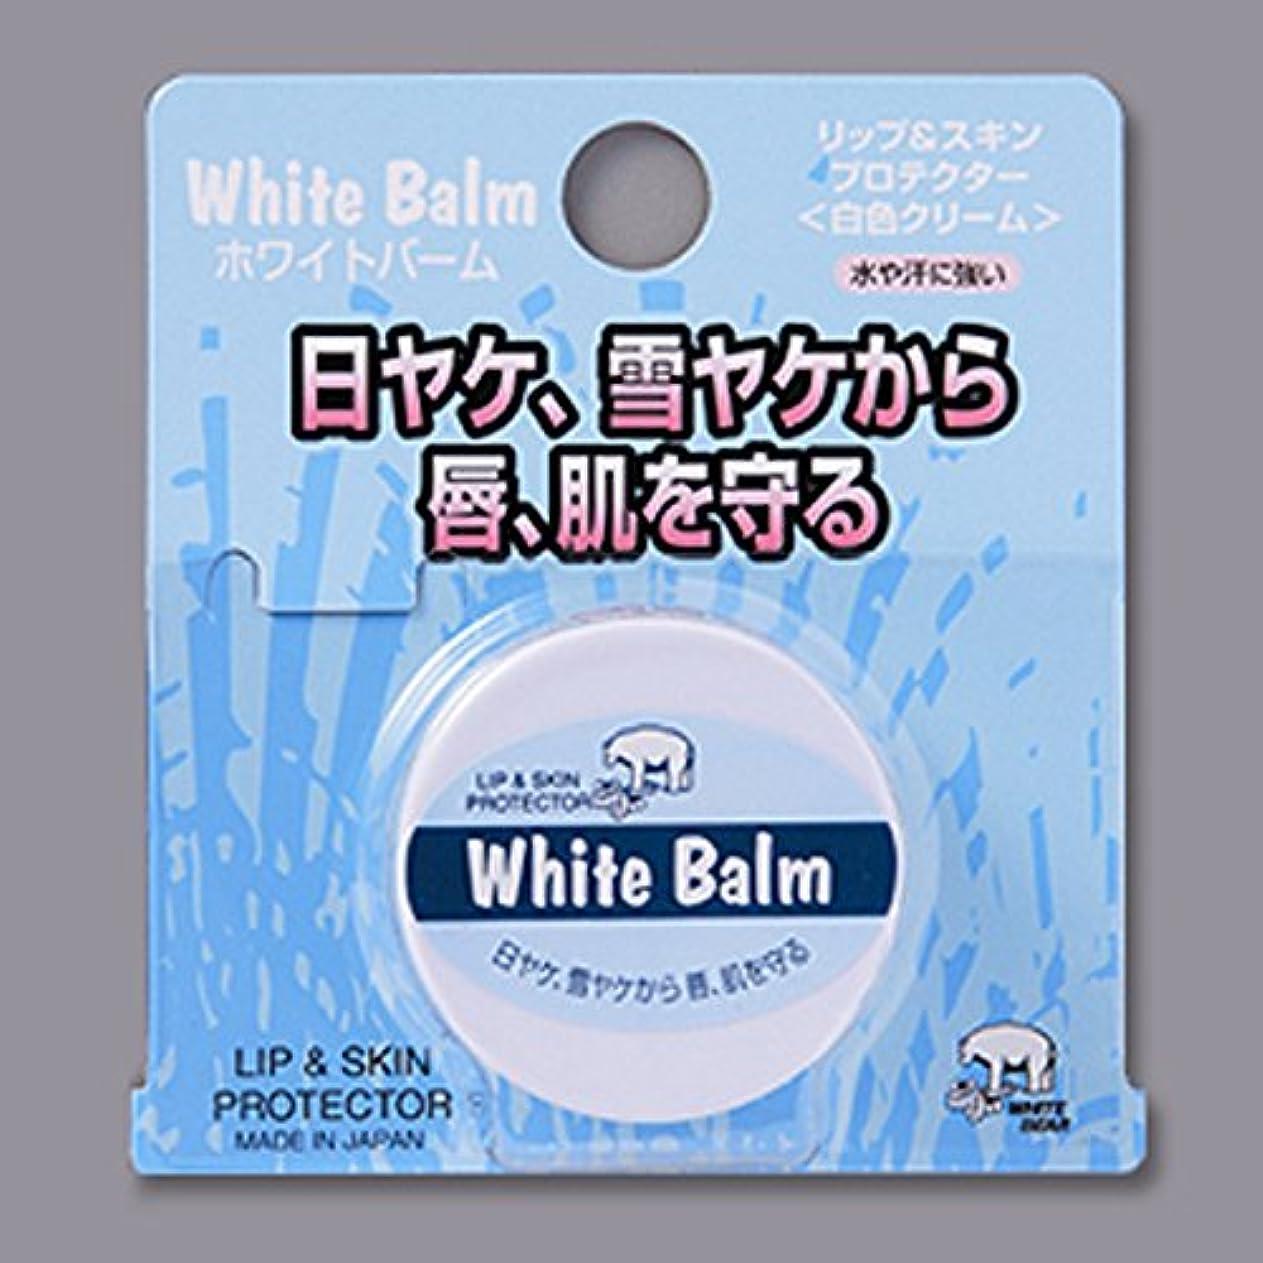 体操アラビア語繕うホワイトバーム リップ&スキンプロテクター 白色クリーム 強力日焼け止め No.555